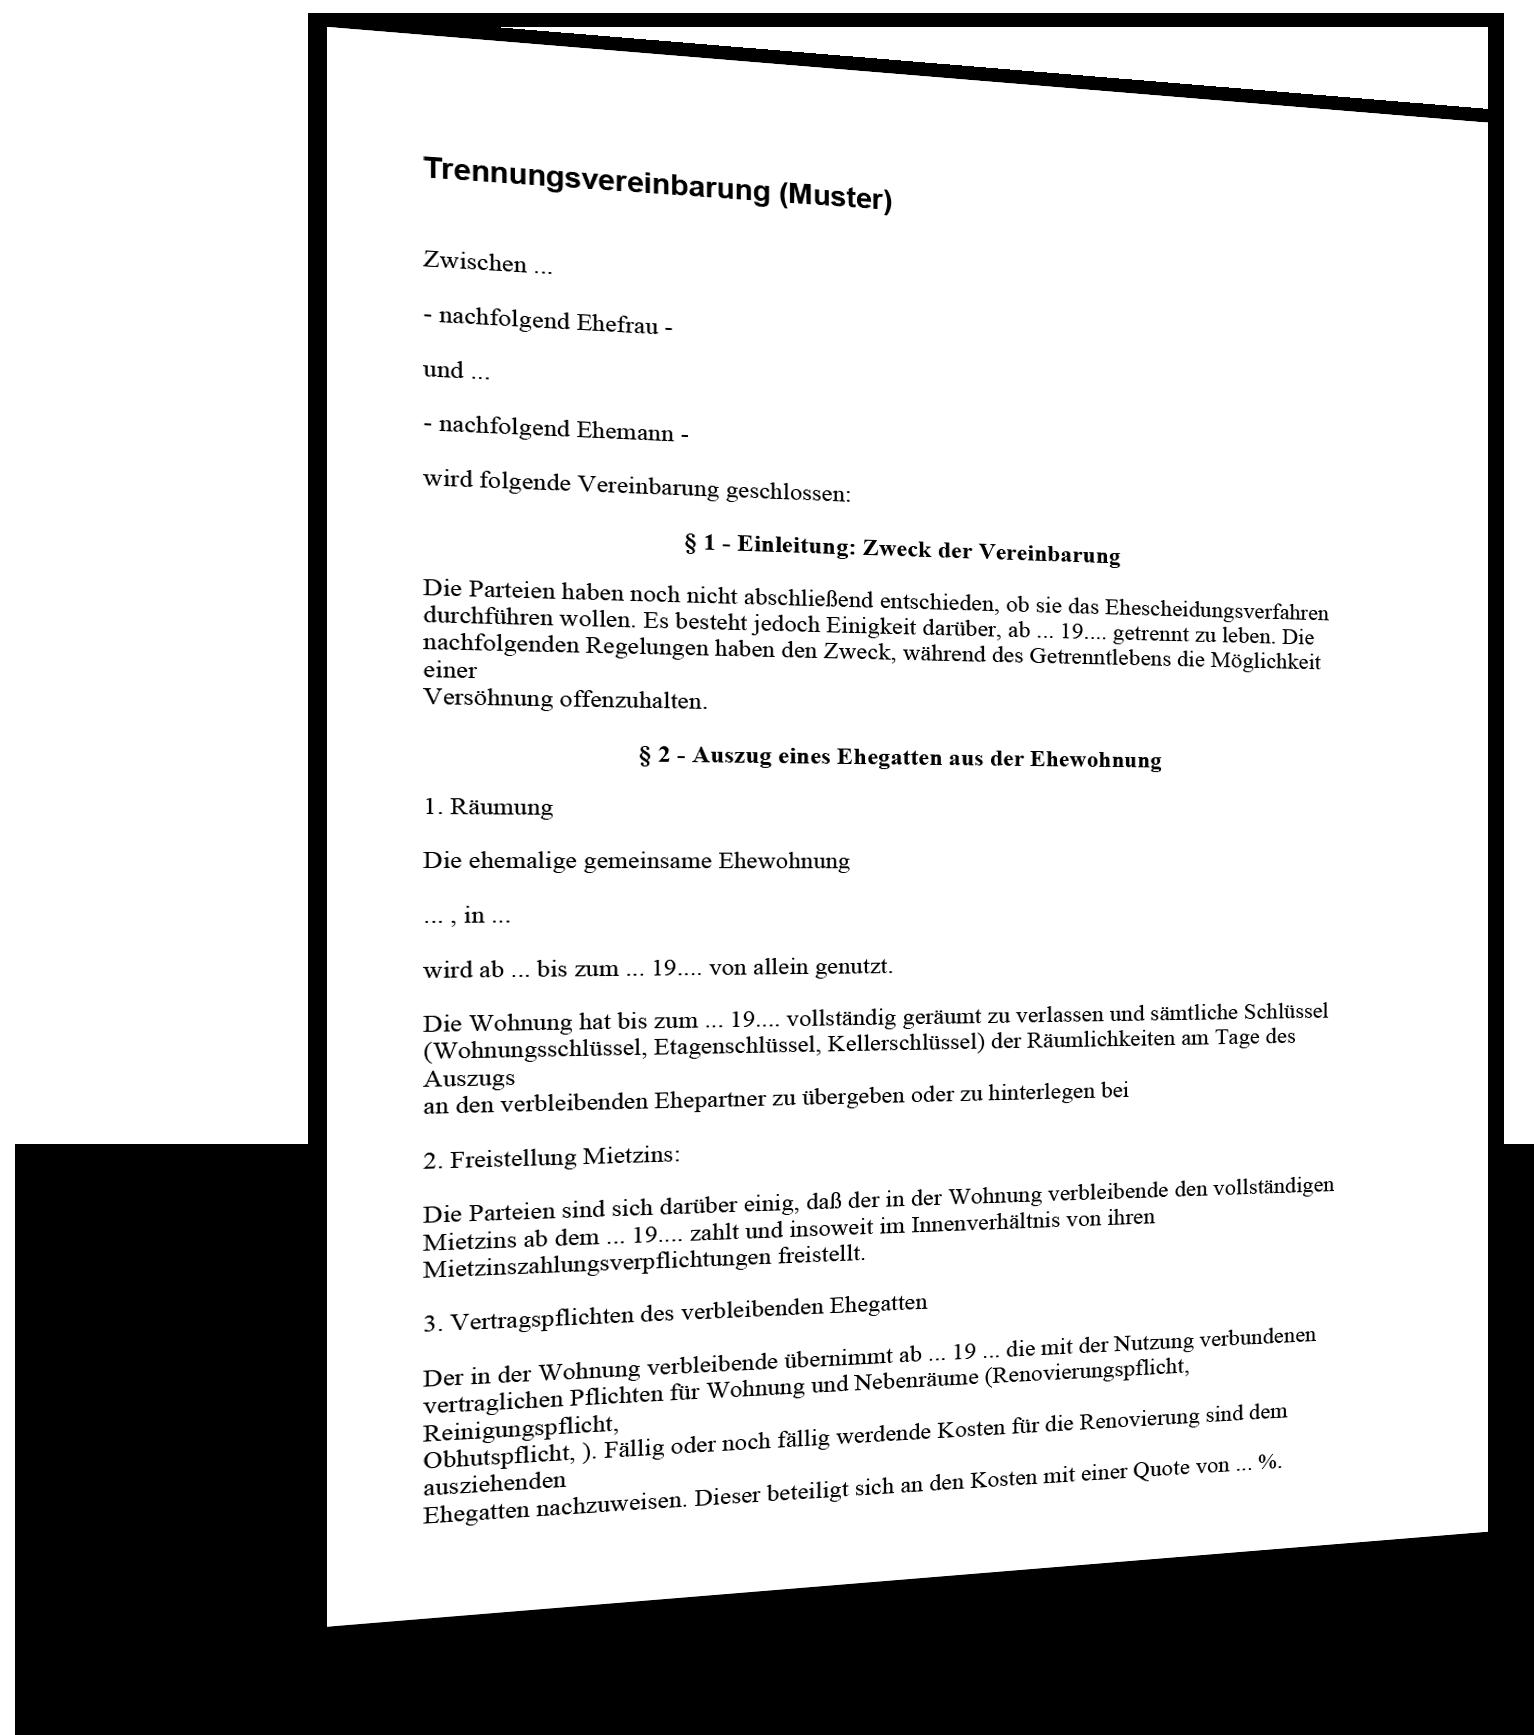 trennungsvereinbarung muster - Trennungsvereinbarung Muster Kostenlos